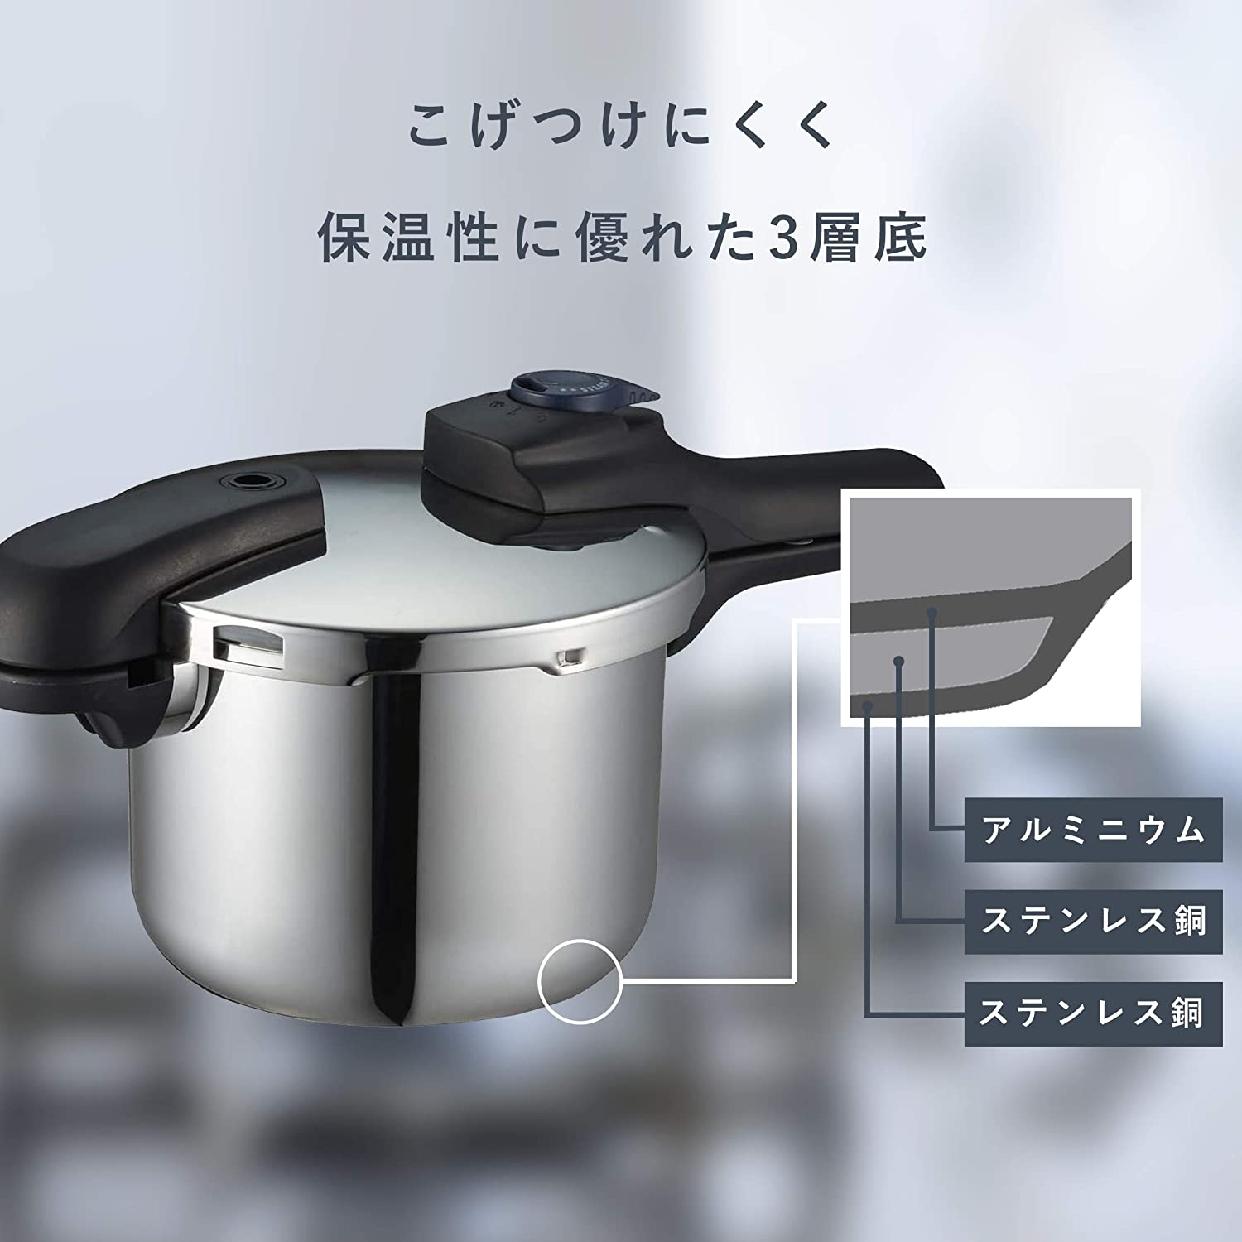 パール金属(PEARL) クイックエコ 3層底切り替え式圧力鍋 H-5041の商品画像5